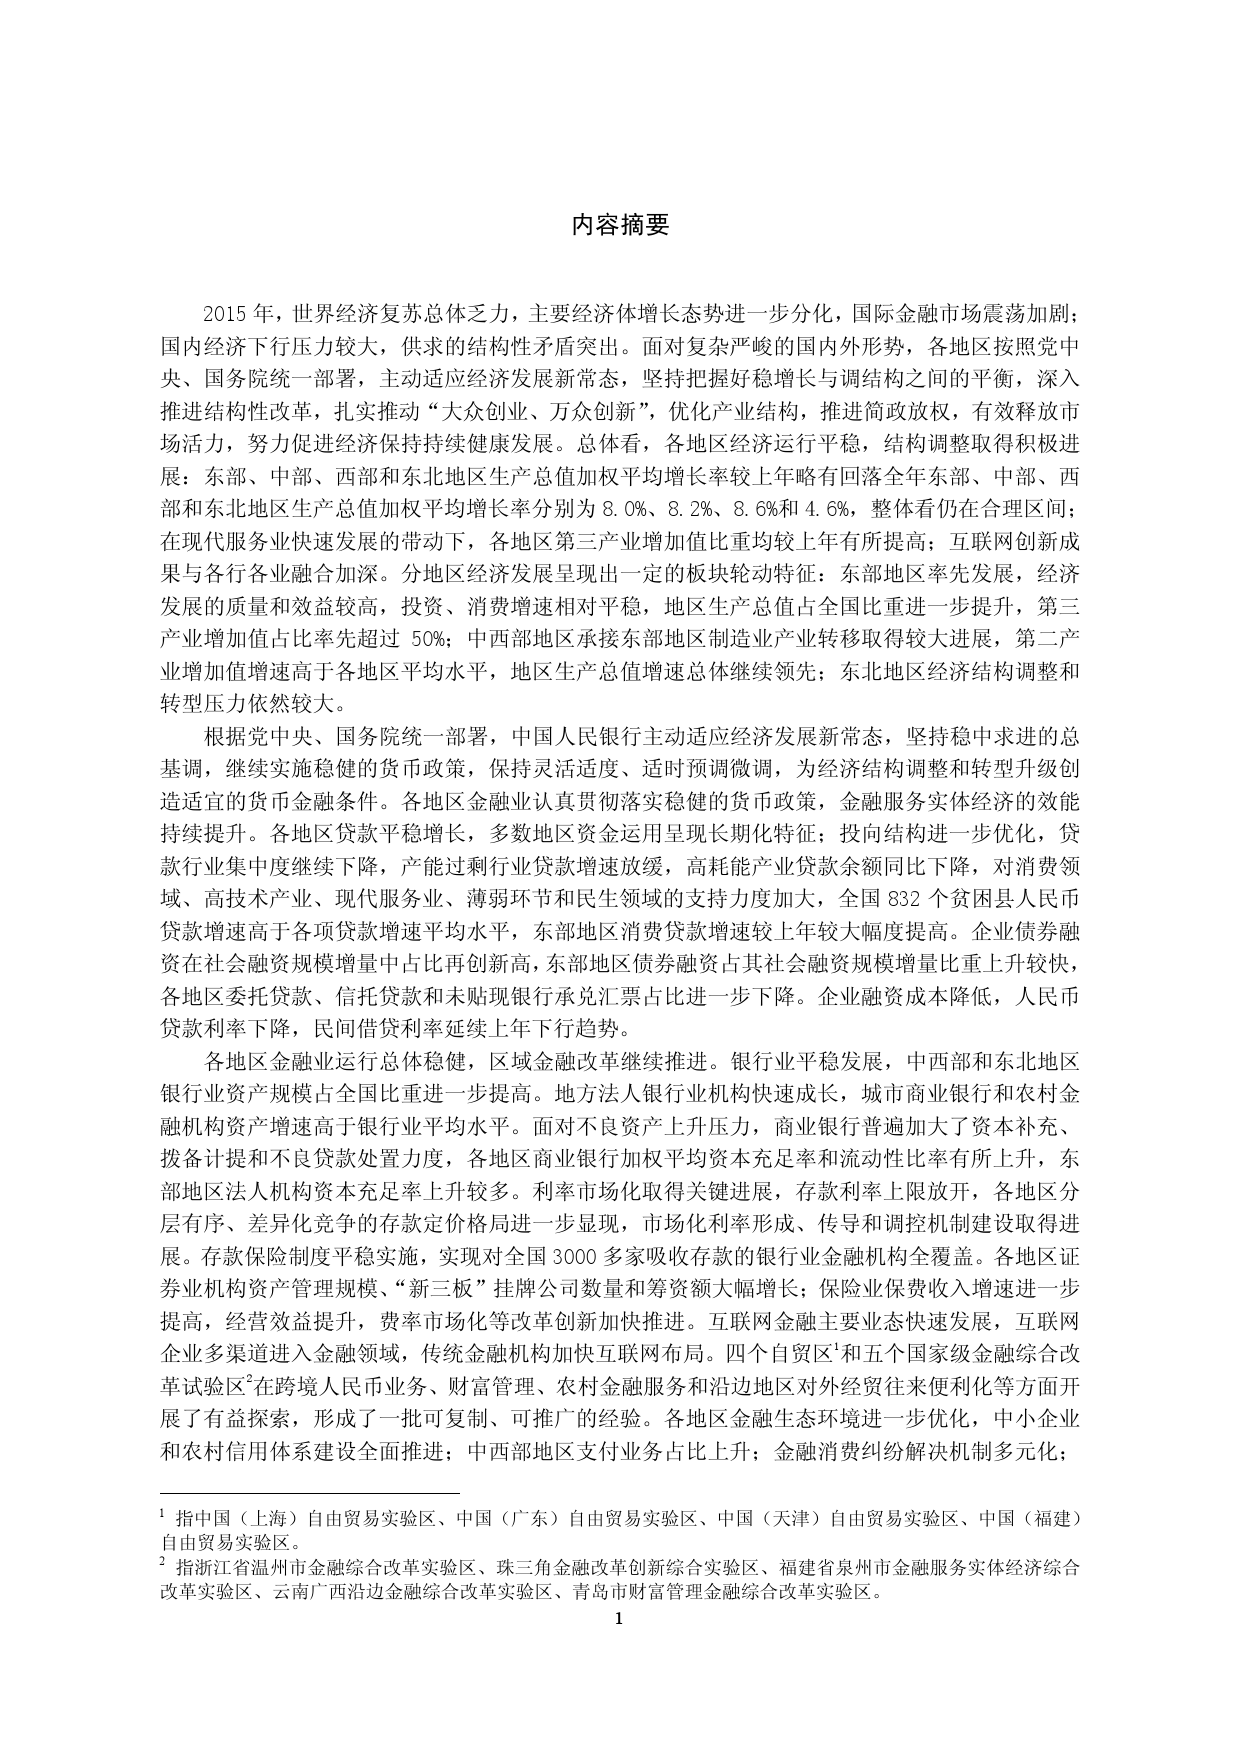 2015年中国区域金融运行报告_000004